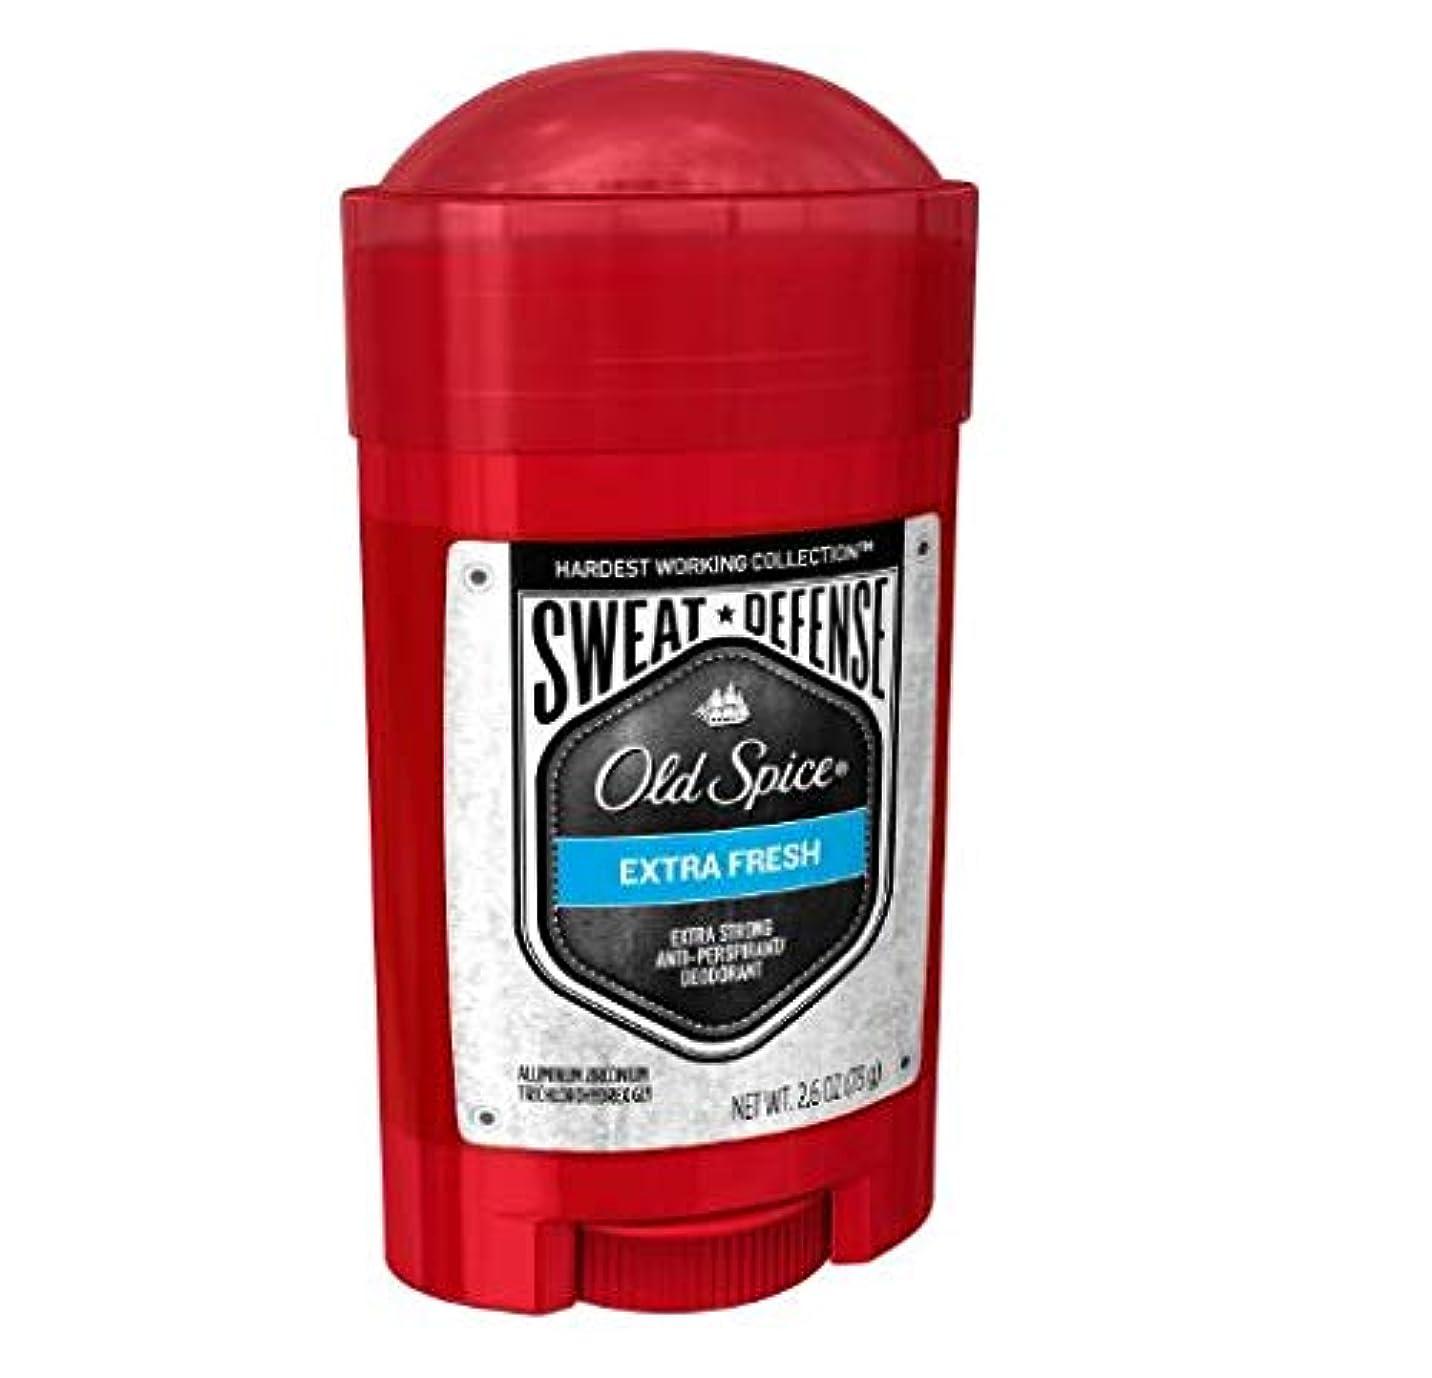 クロールめ言葉尊敬Old Spice Hardest Working Collection Sweat Defense Extra Fresh Antiperspirant and Deodorant - 2.6oz オールドスパイス ハーデスト ワーキング コレクション スウェット ディフェンス エクストラフレッシュ デオドラント 73g [並行輸入品]